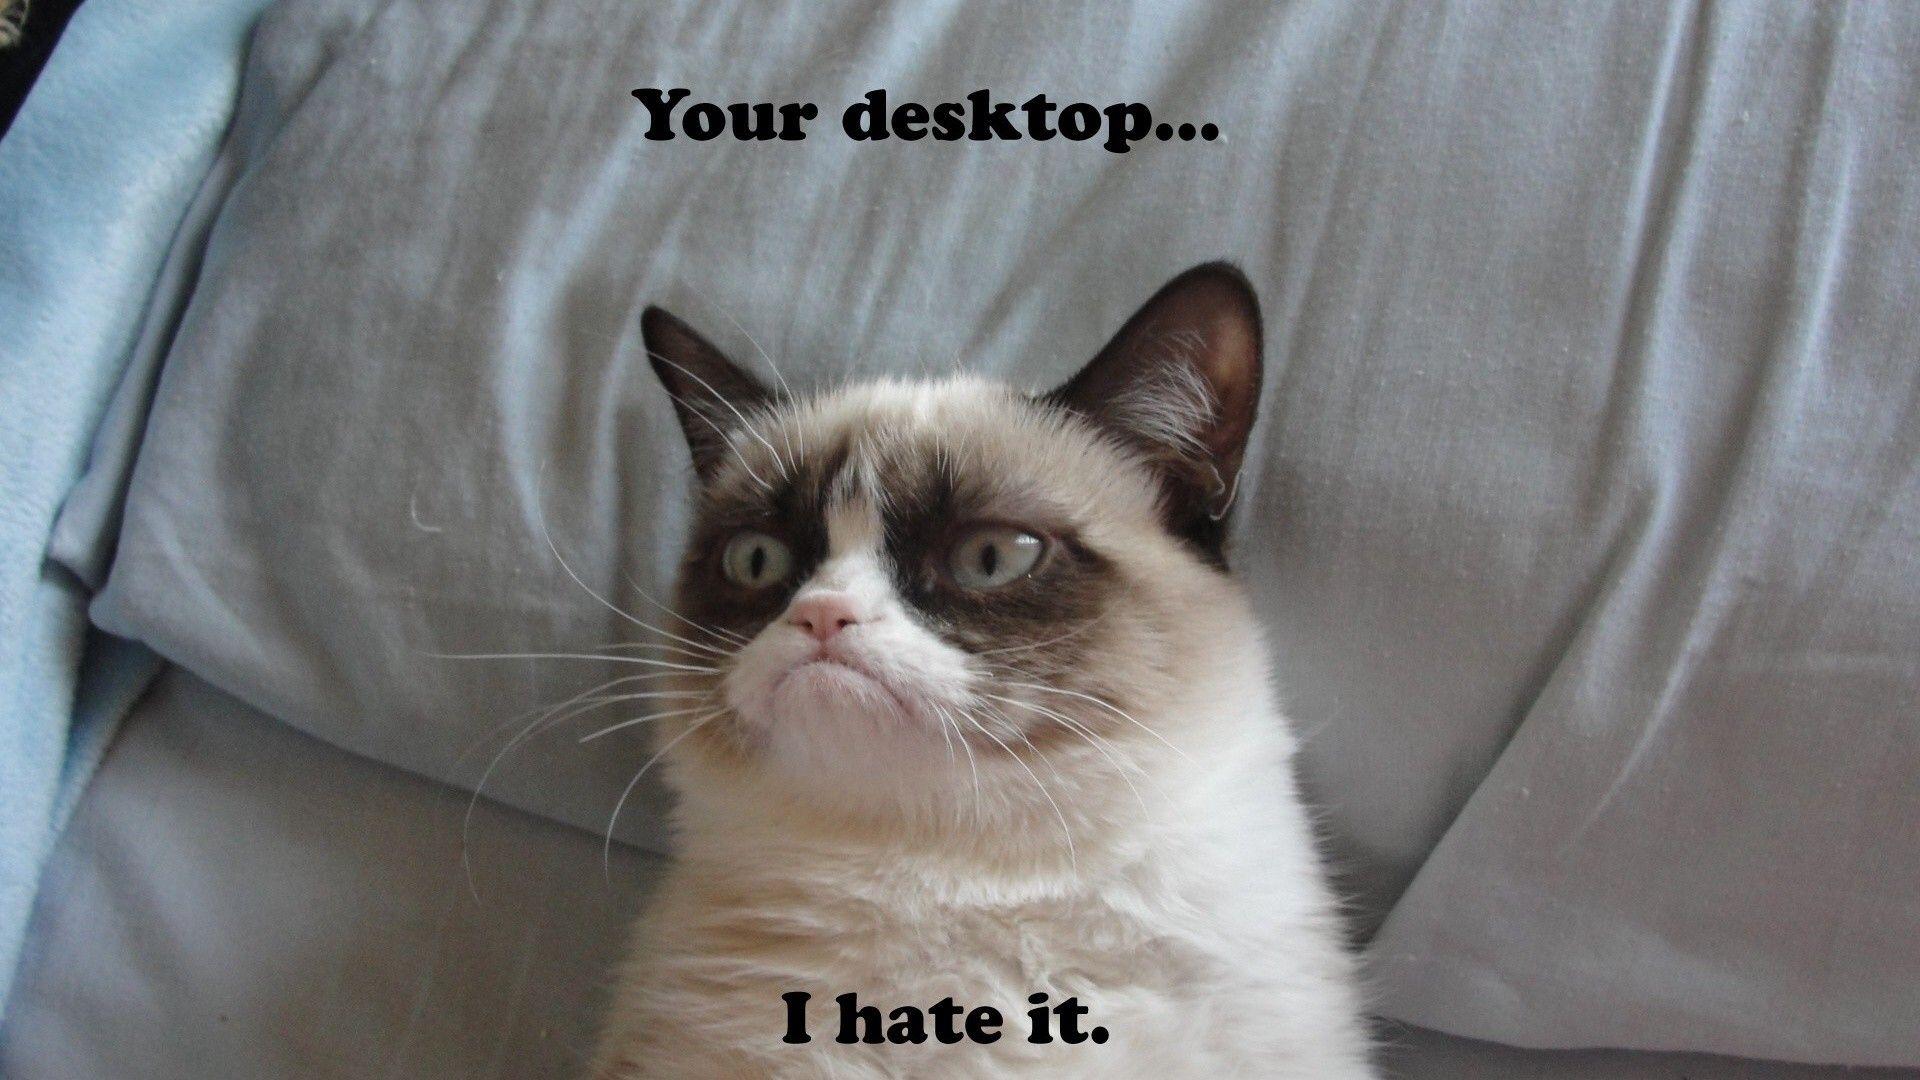 Cat Wallpapers In 2020 Funny Cat Memes Grumpy Cat Meme Cat Memes